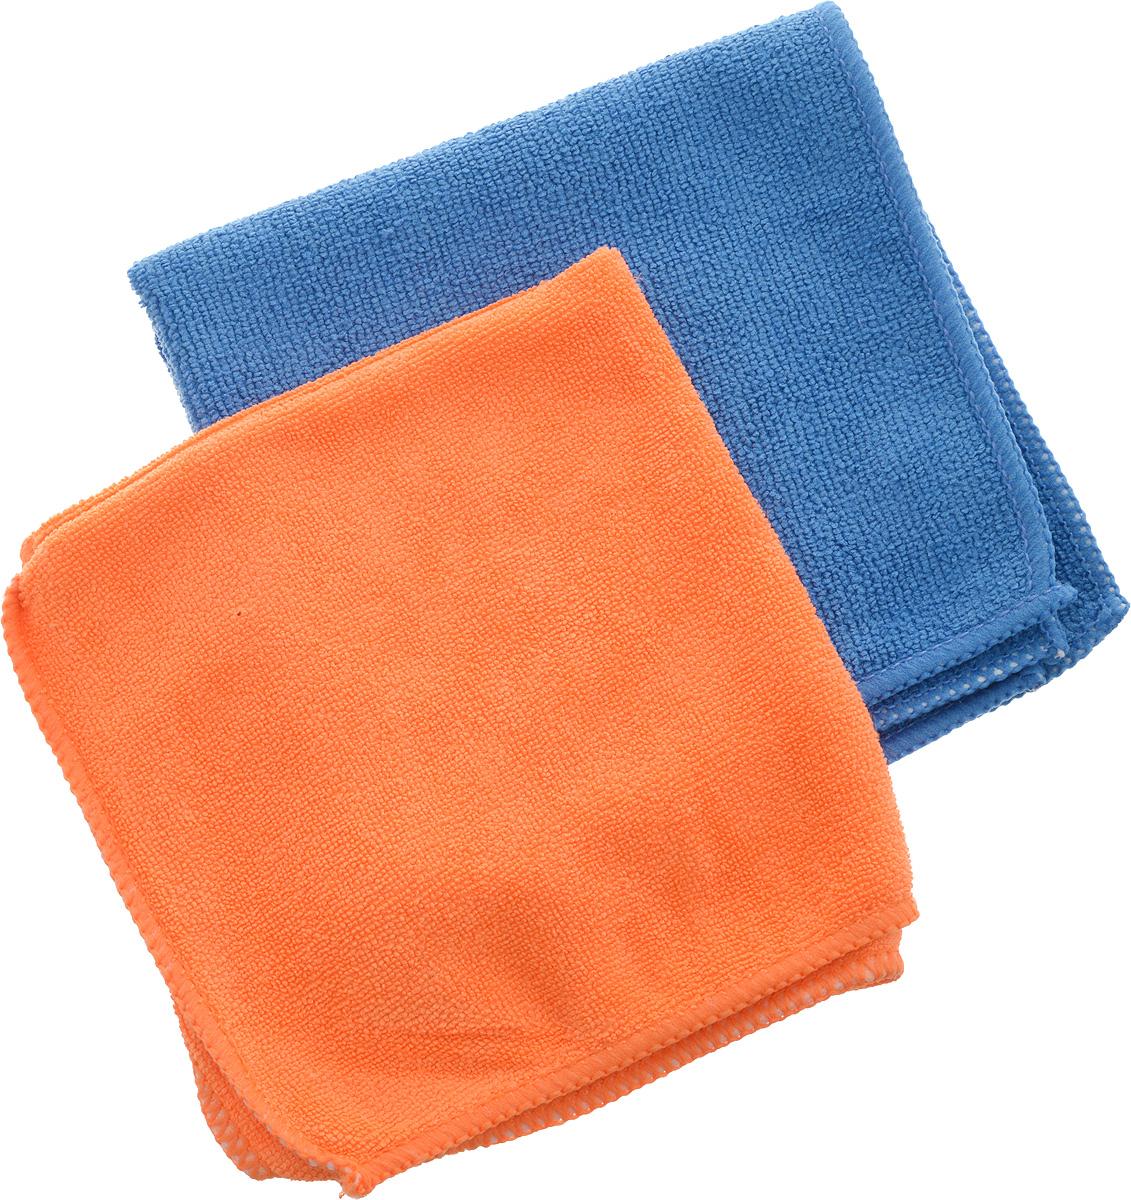 Набор салфеток из микрофибры Airline, цвет: синий, оранжевый, 30 х 30 см, 2 штAB-V-01Набор Airline состоит из двух салфеток, выполненных из микрофибры. Мягкий ворс микрофибры очистит поверхность от пыли и загрязнений, микробов и грибком, и не отставит царапин. Материал хорошо впитывает жидкость, быстро сохнет и не подвержен быстрому износу после многочисленных стирок.